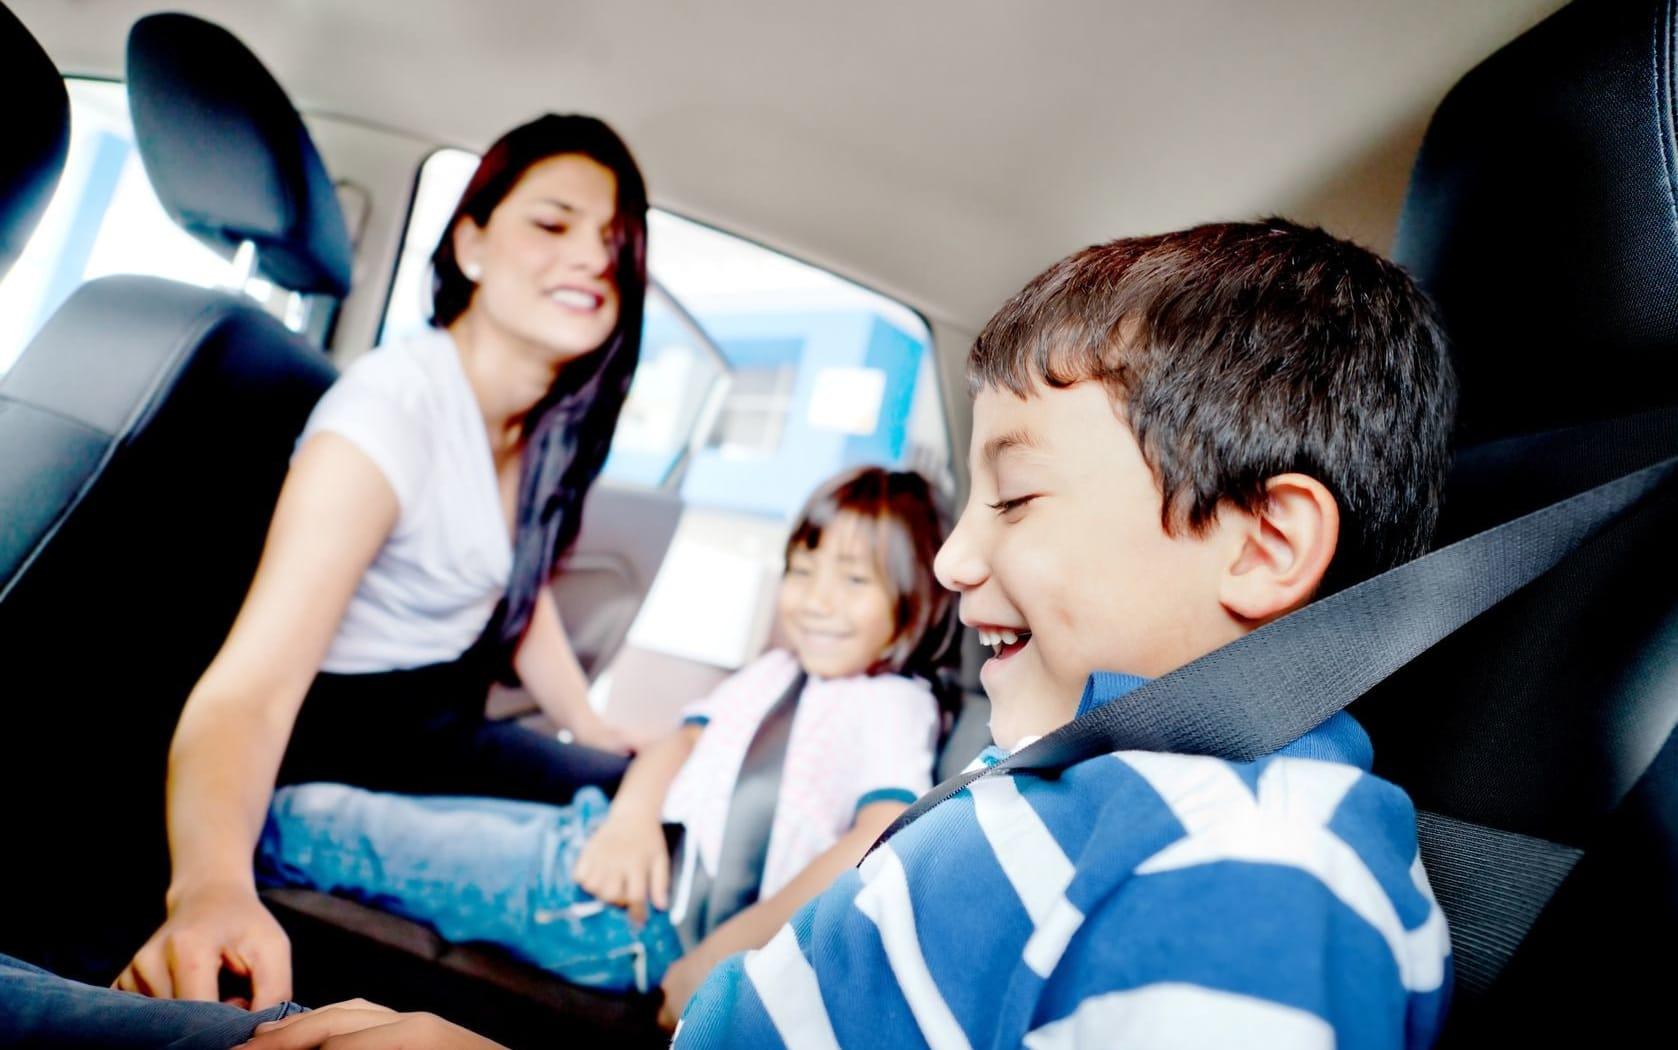 Erstatning ved trafikkulykke kan være betydelige beløp. Erfarne advokater vet hvordan du skal gå frem.